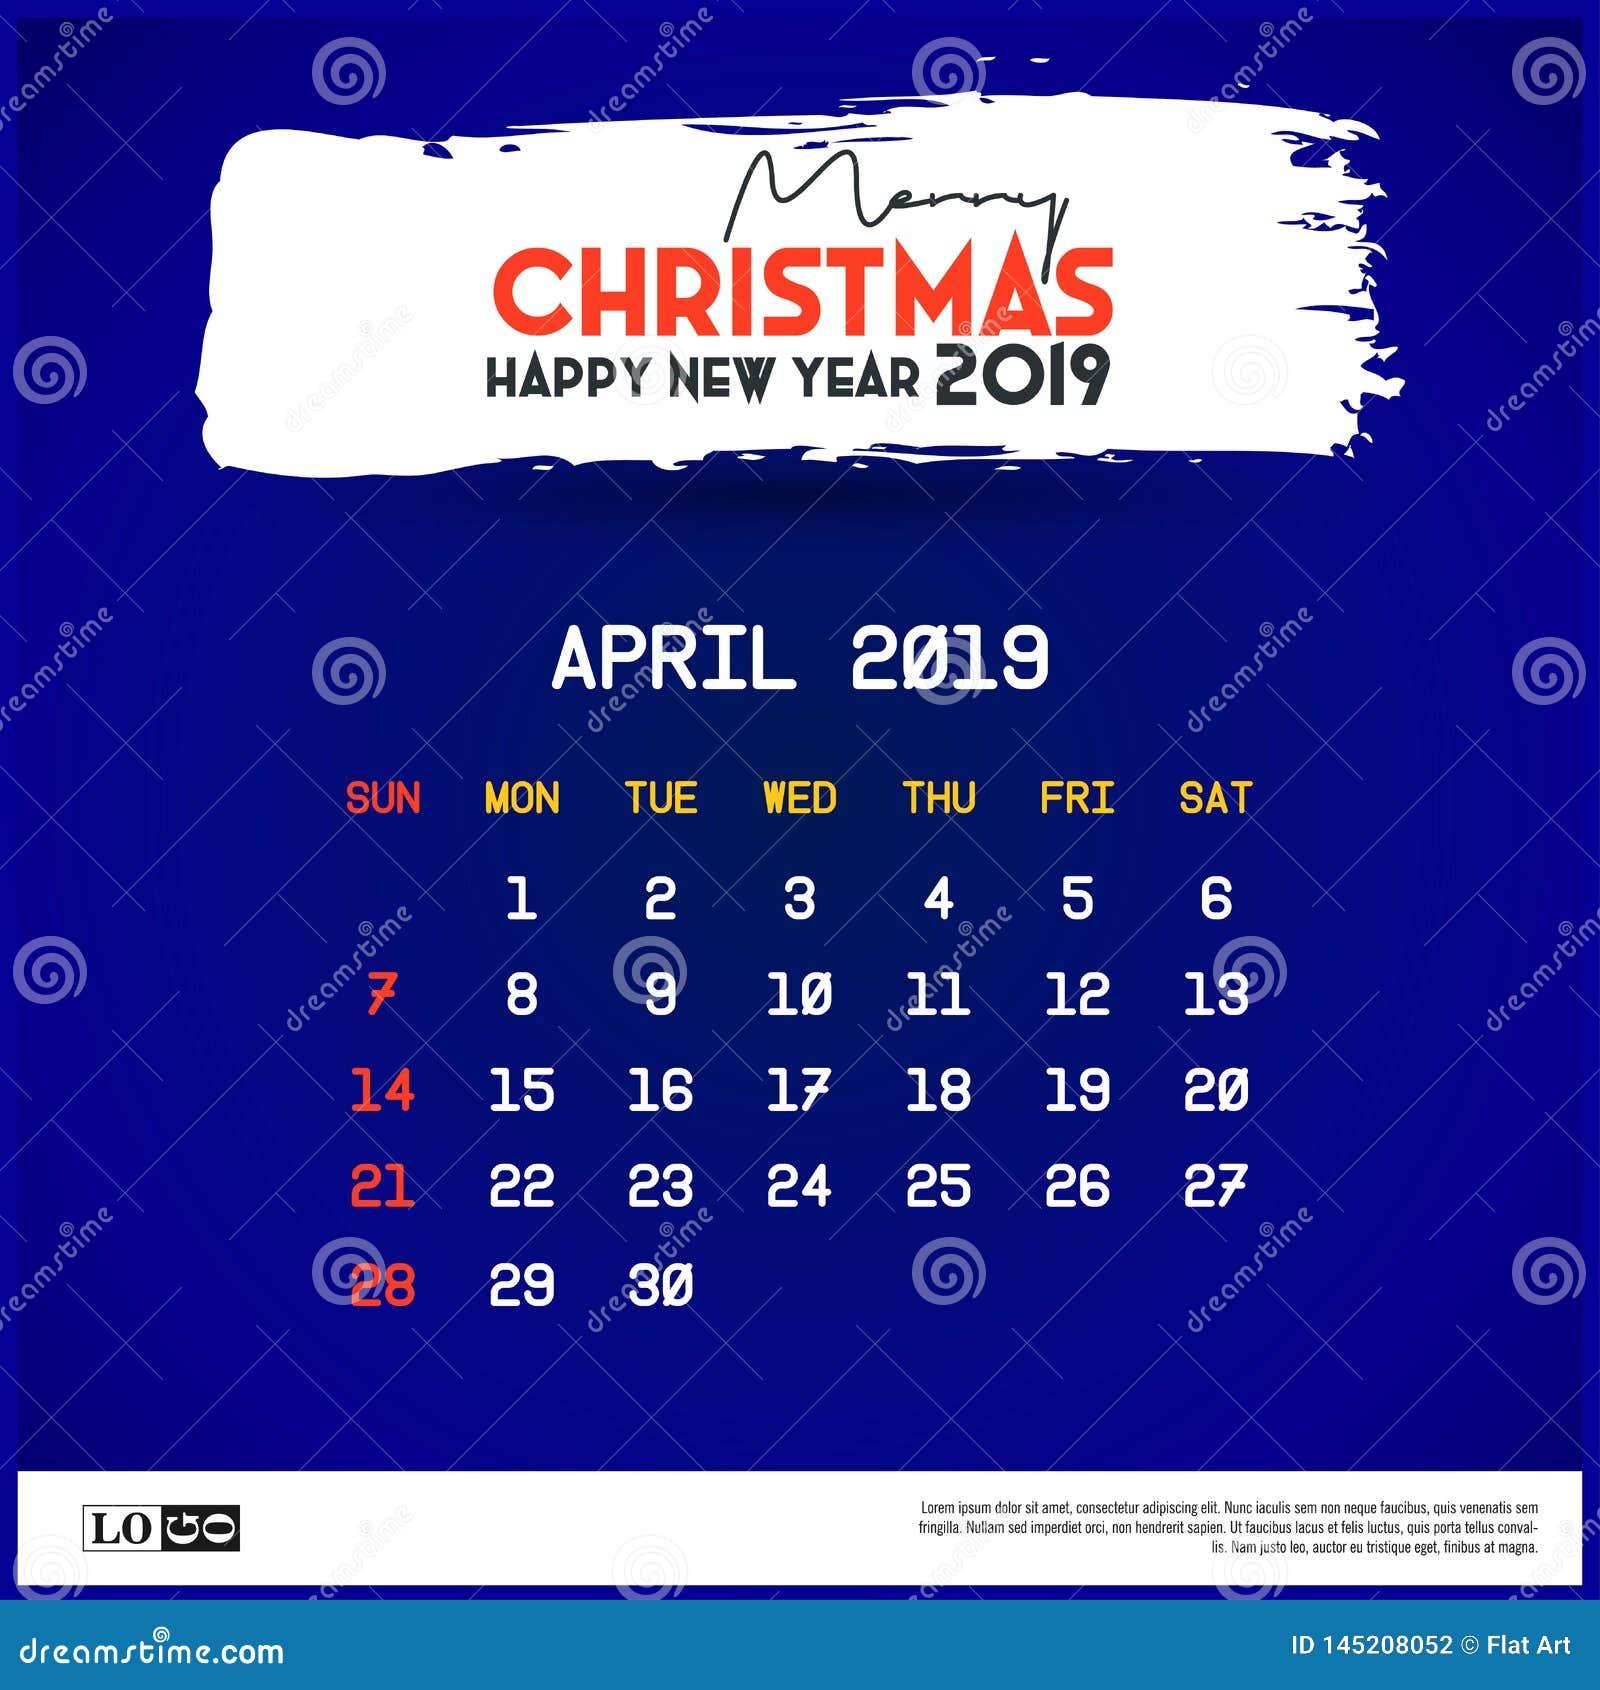 April Calendar Template 2019 Fondo del azul de la Feliz Navidad y de la Feliz A?o Nuevo